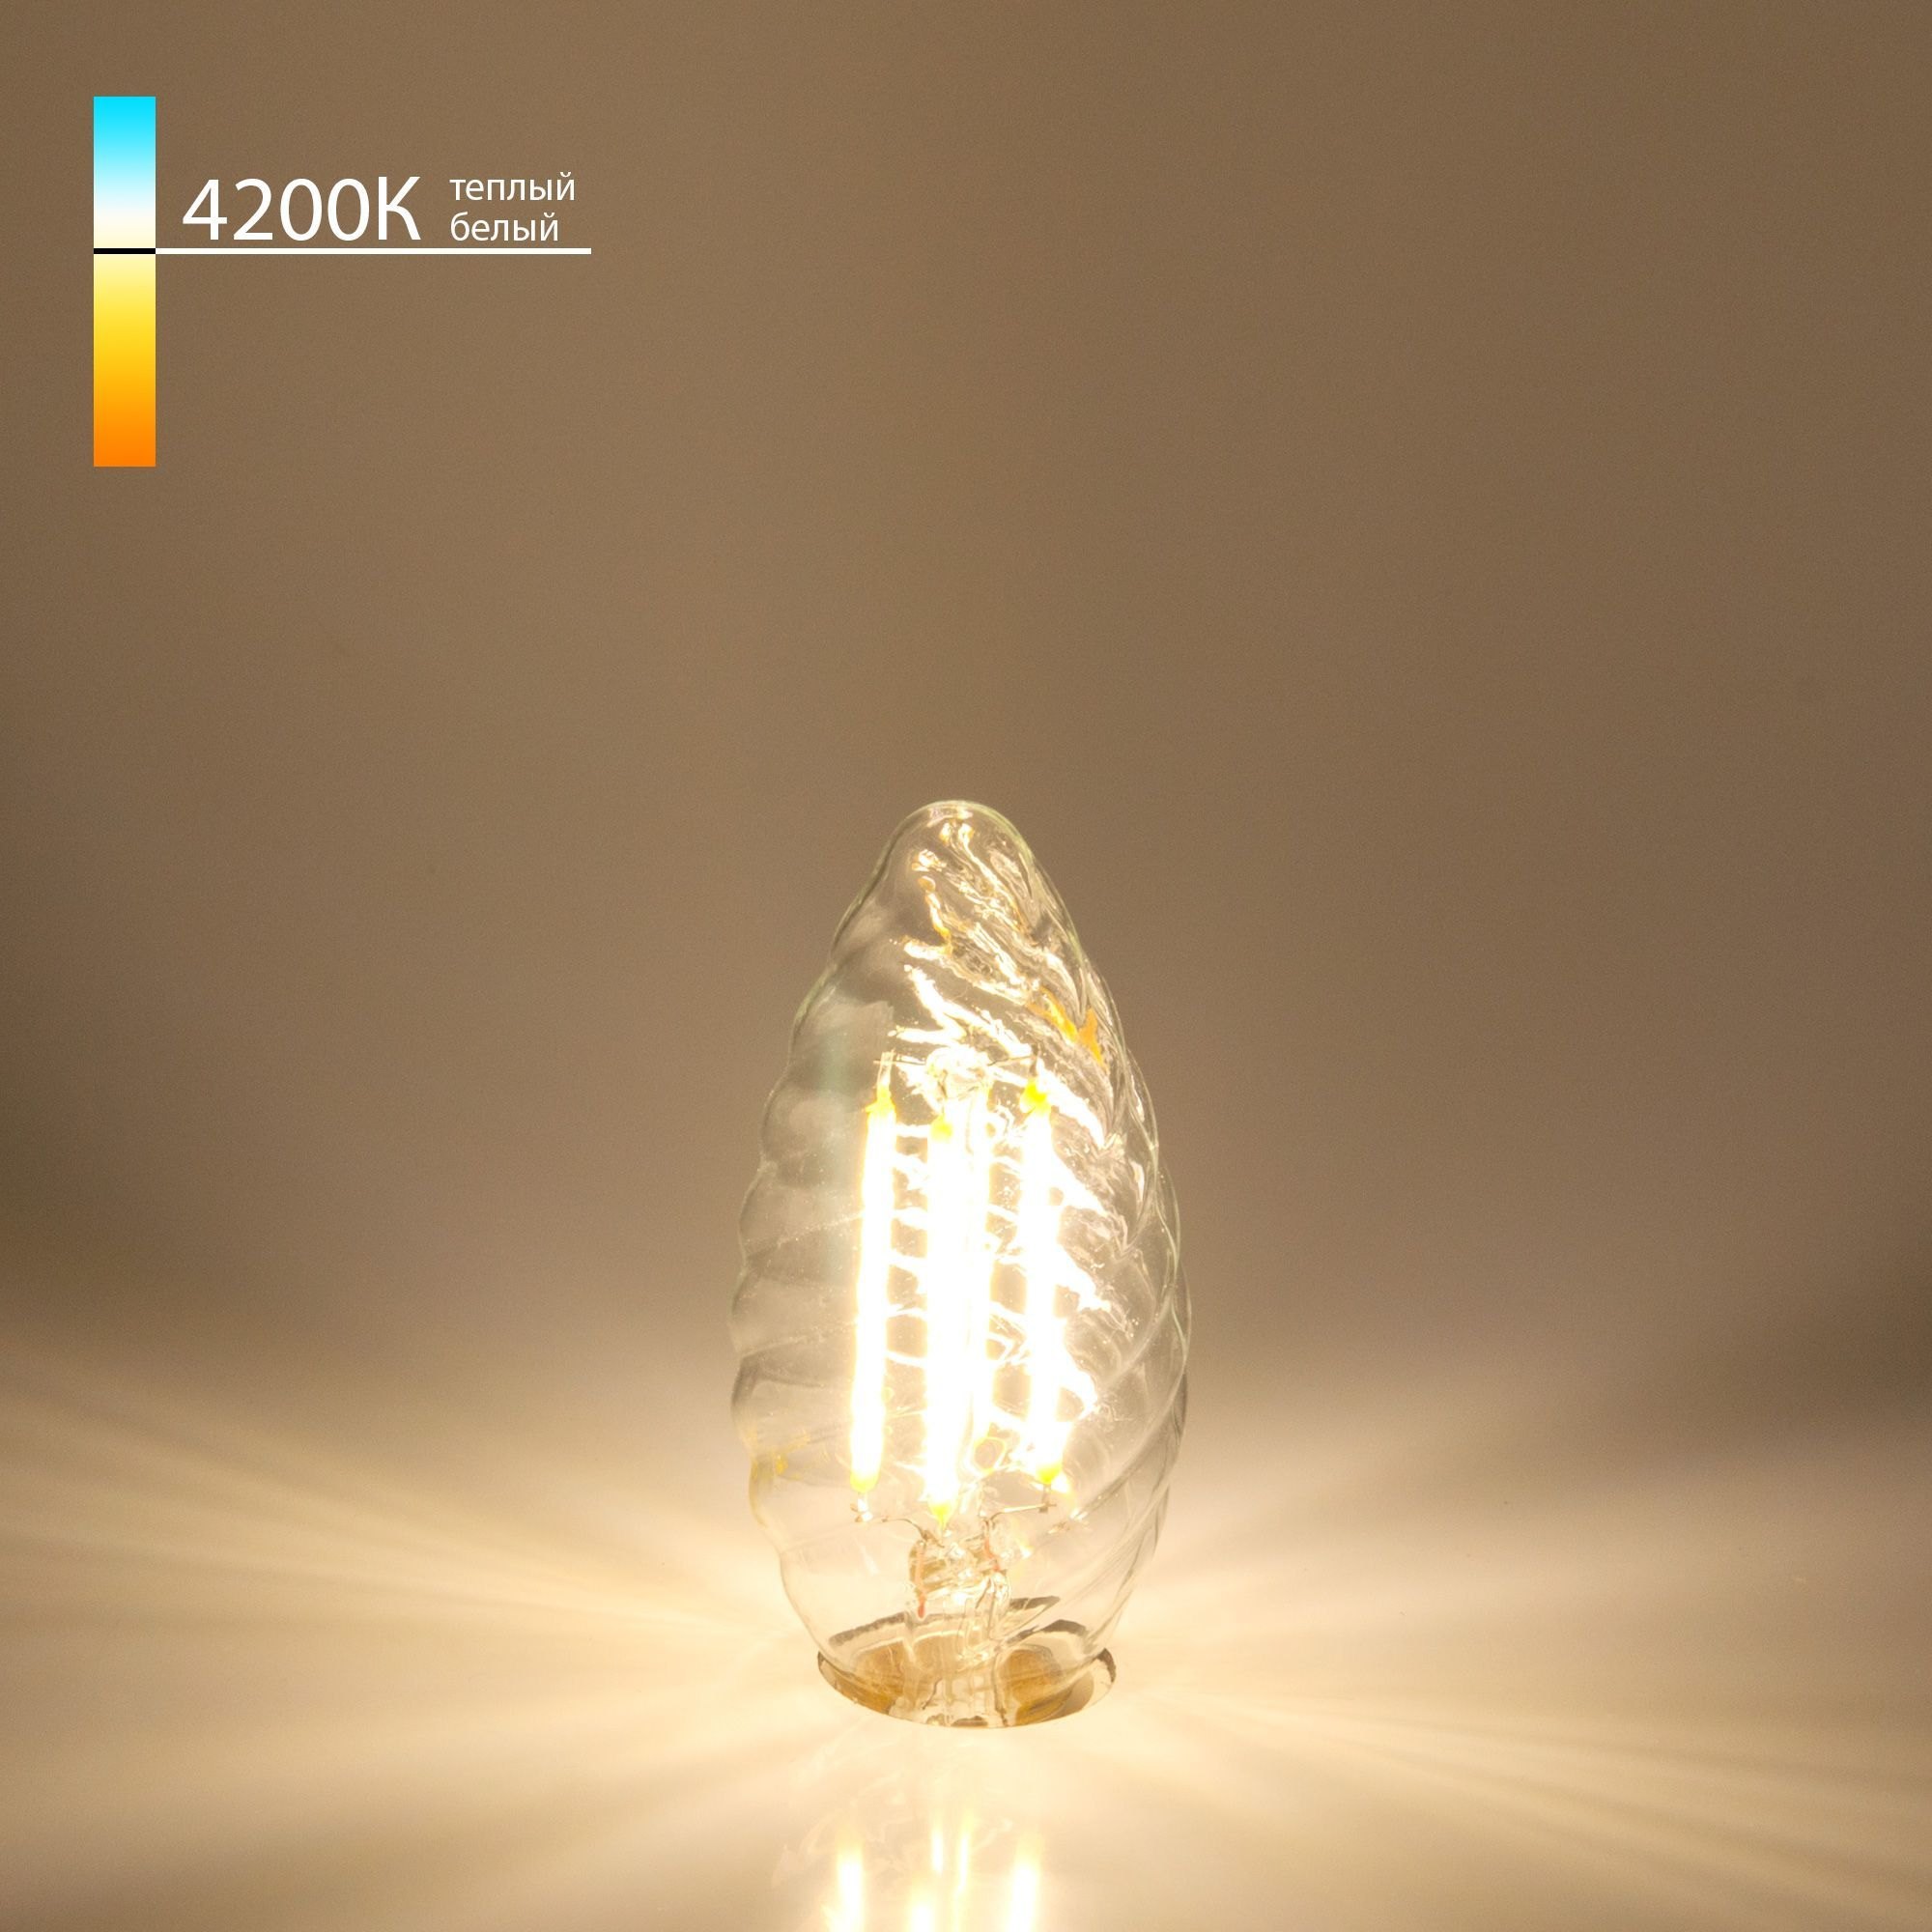 Филаментная светодиодная лампа Свеча витая